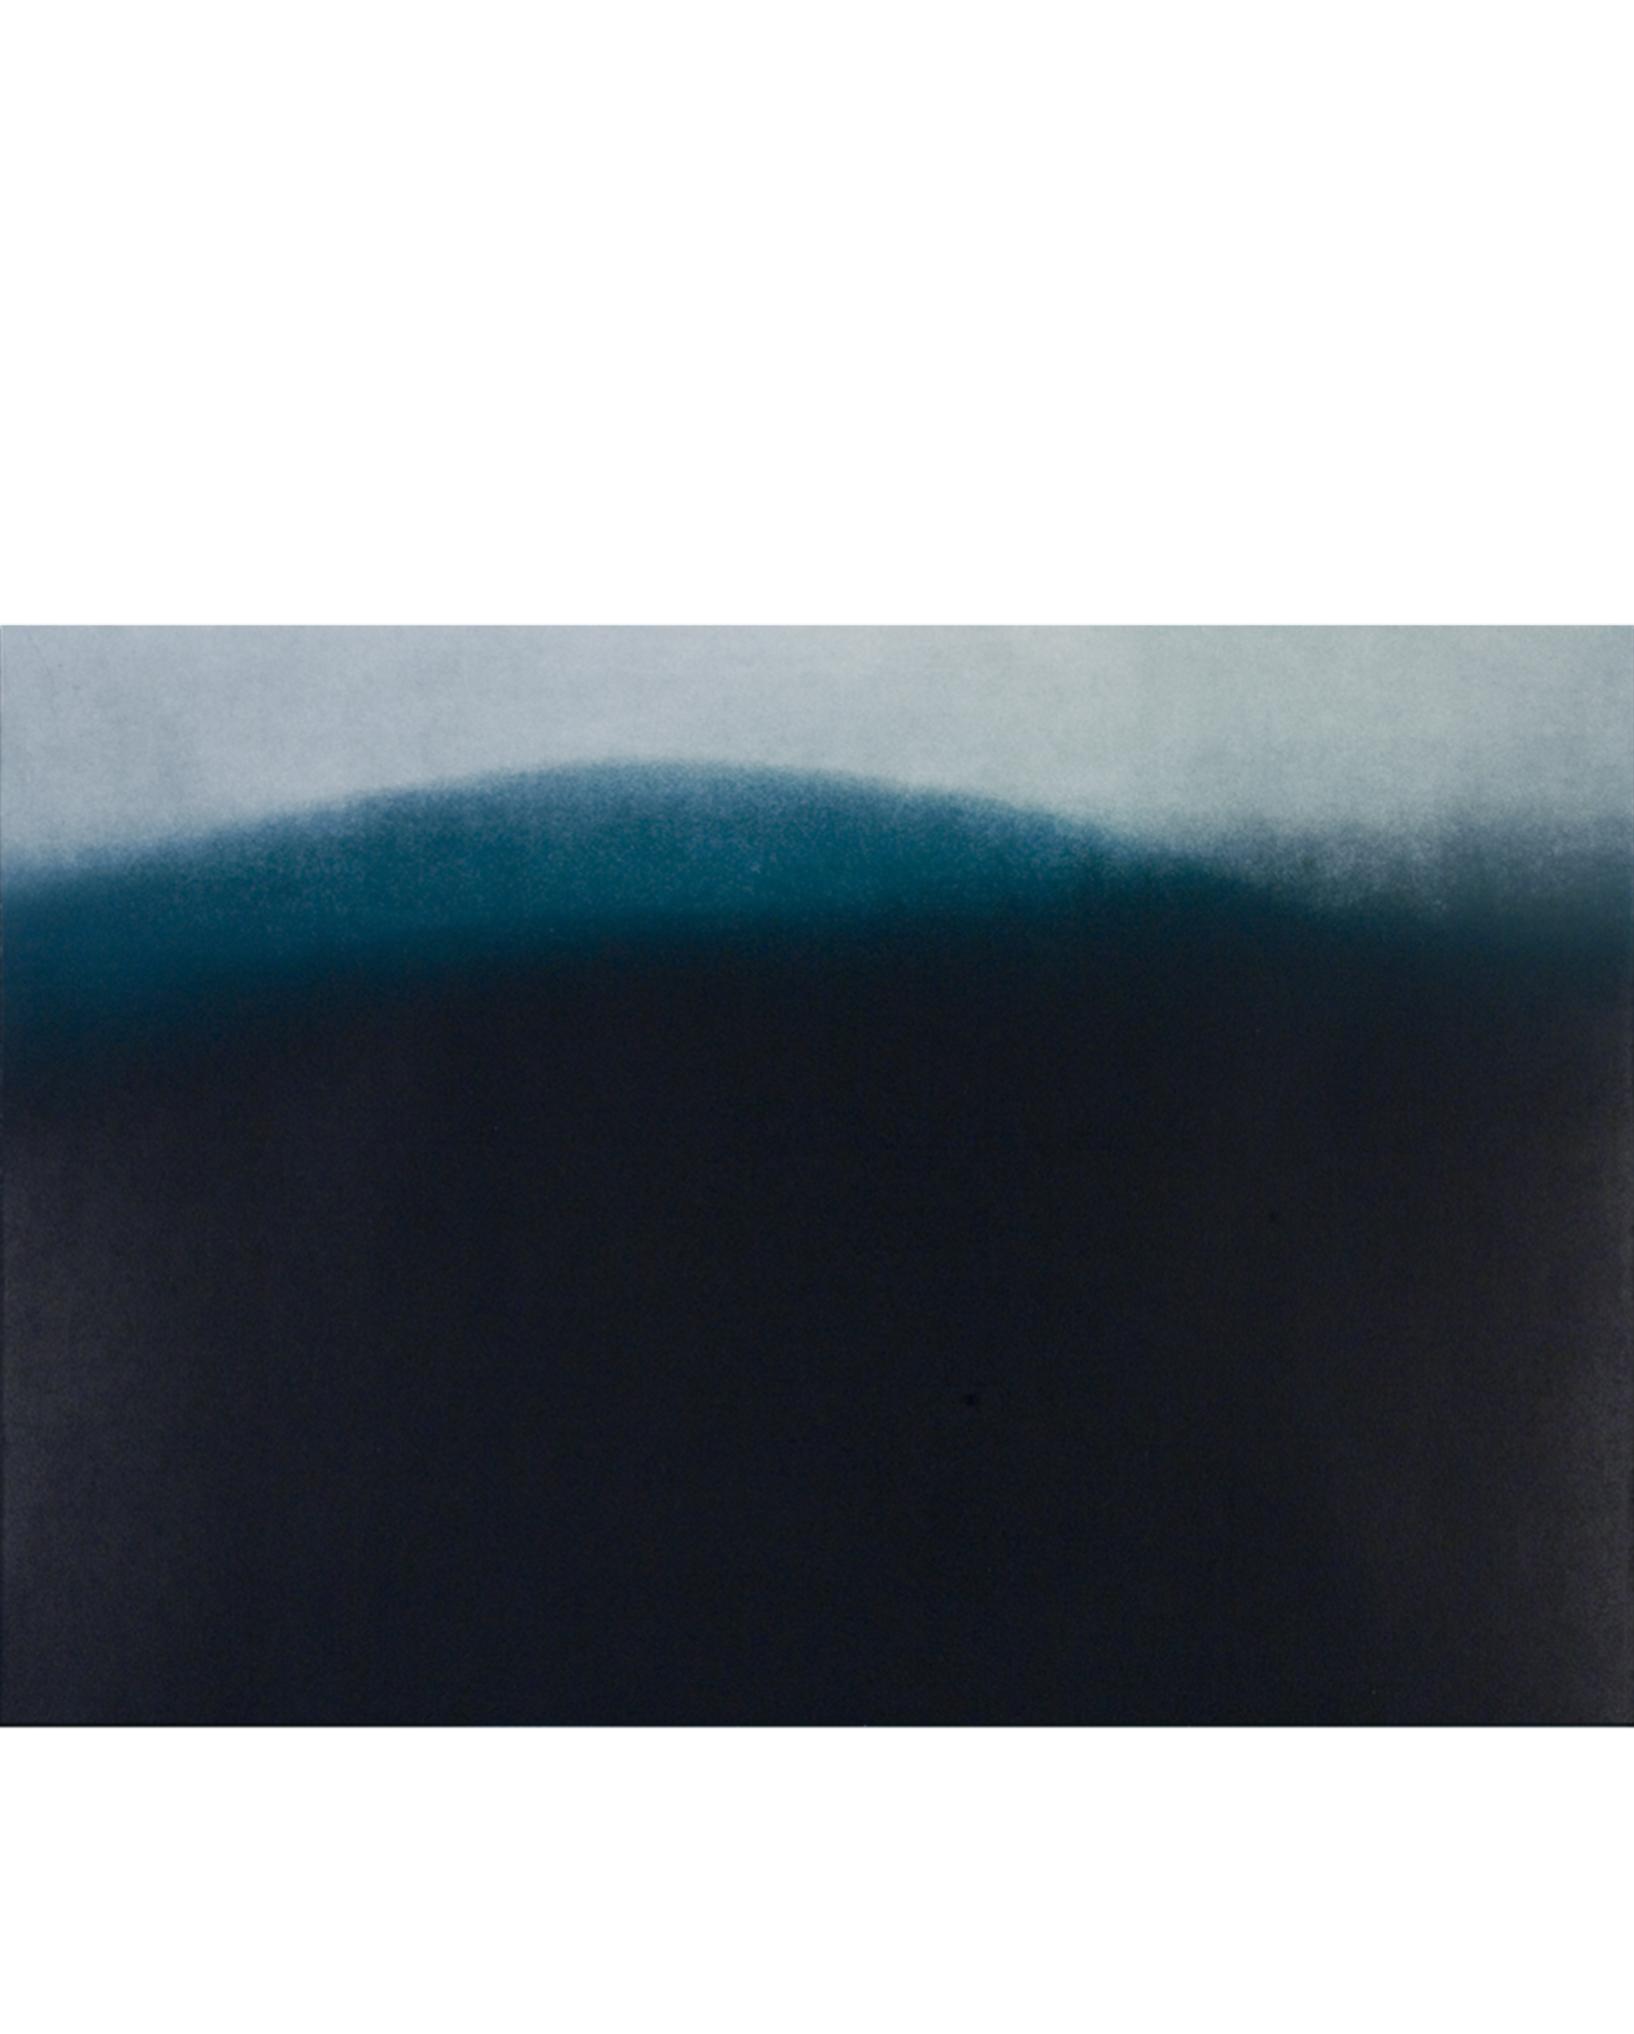 """Riding the Line (006) Color aquatint 42"""" x 35"""" 2006"""